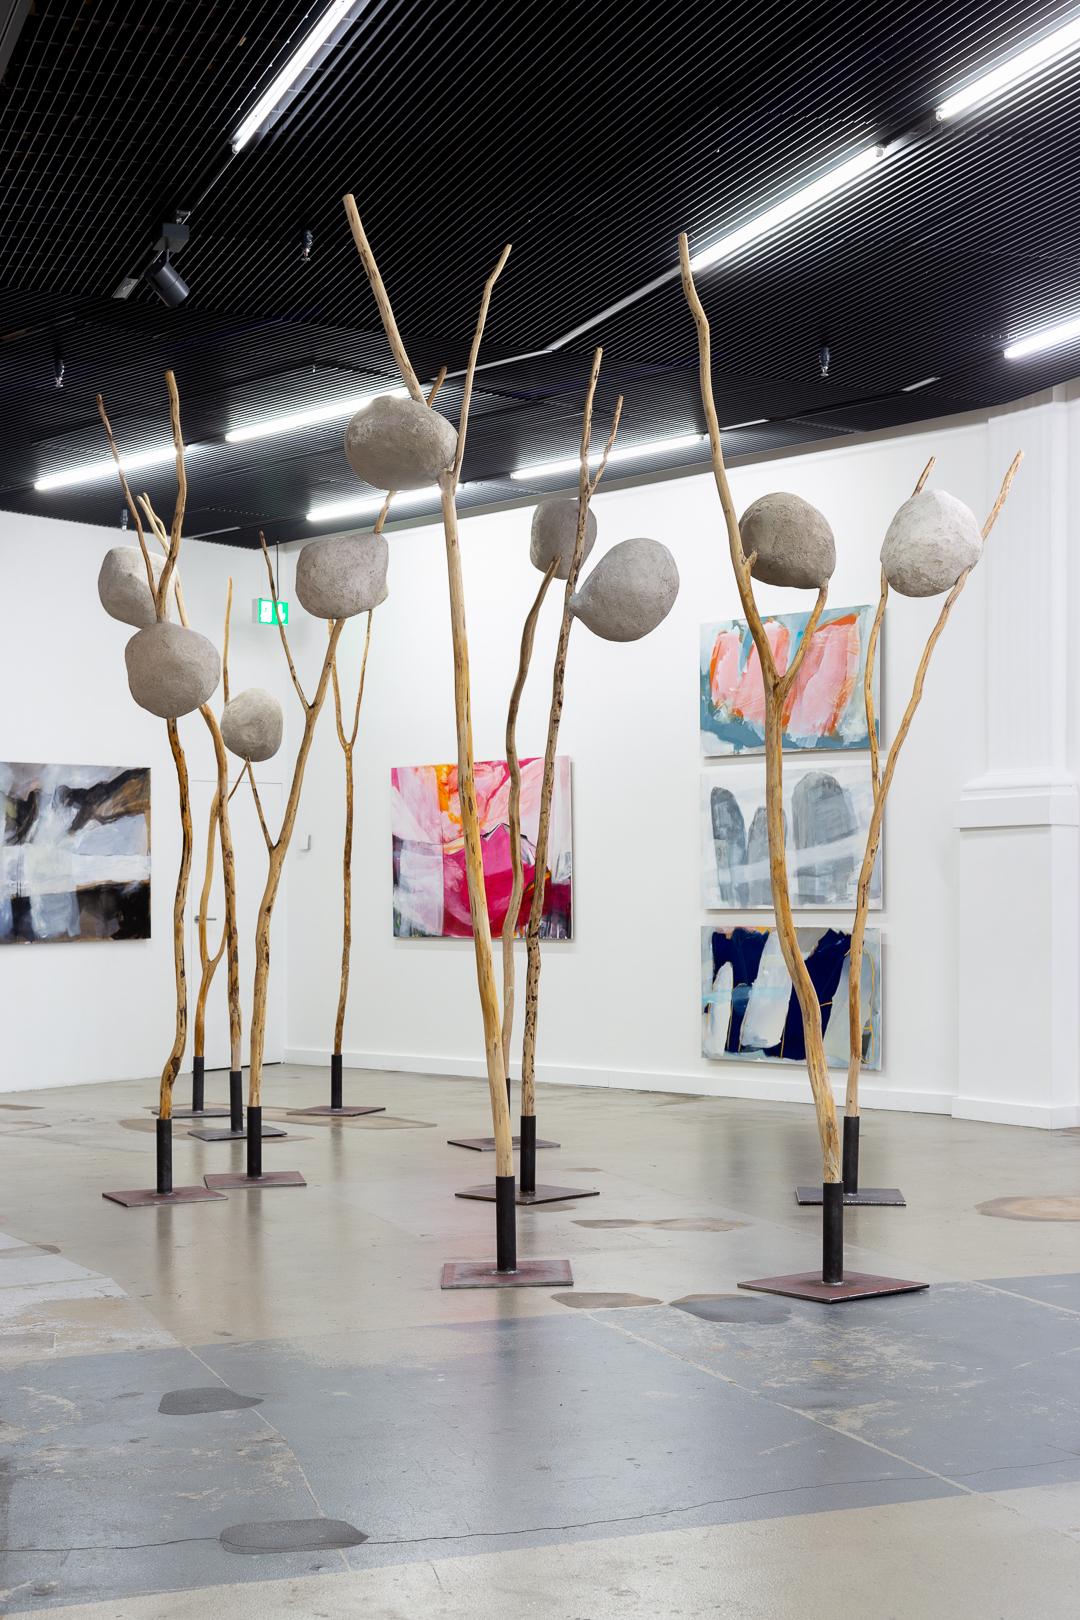 Barbara Gwerder – Ausstellungsansicht Kunsthalle Luzern. Fotografie: Kilian Bannwart, 2020